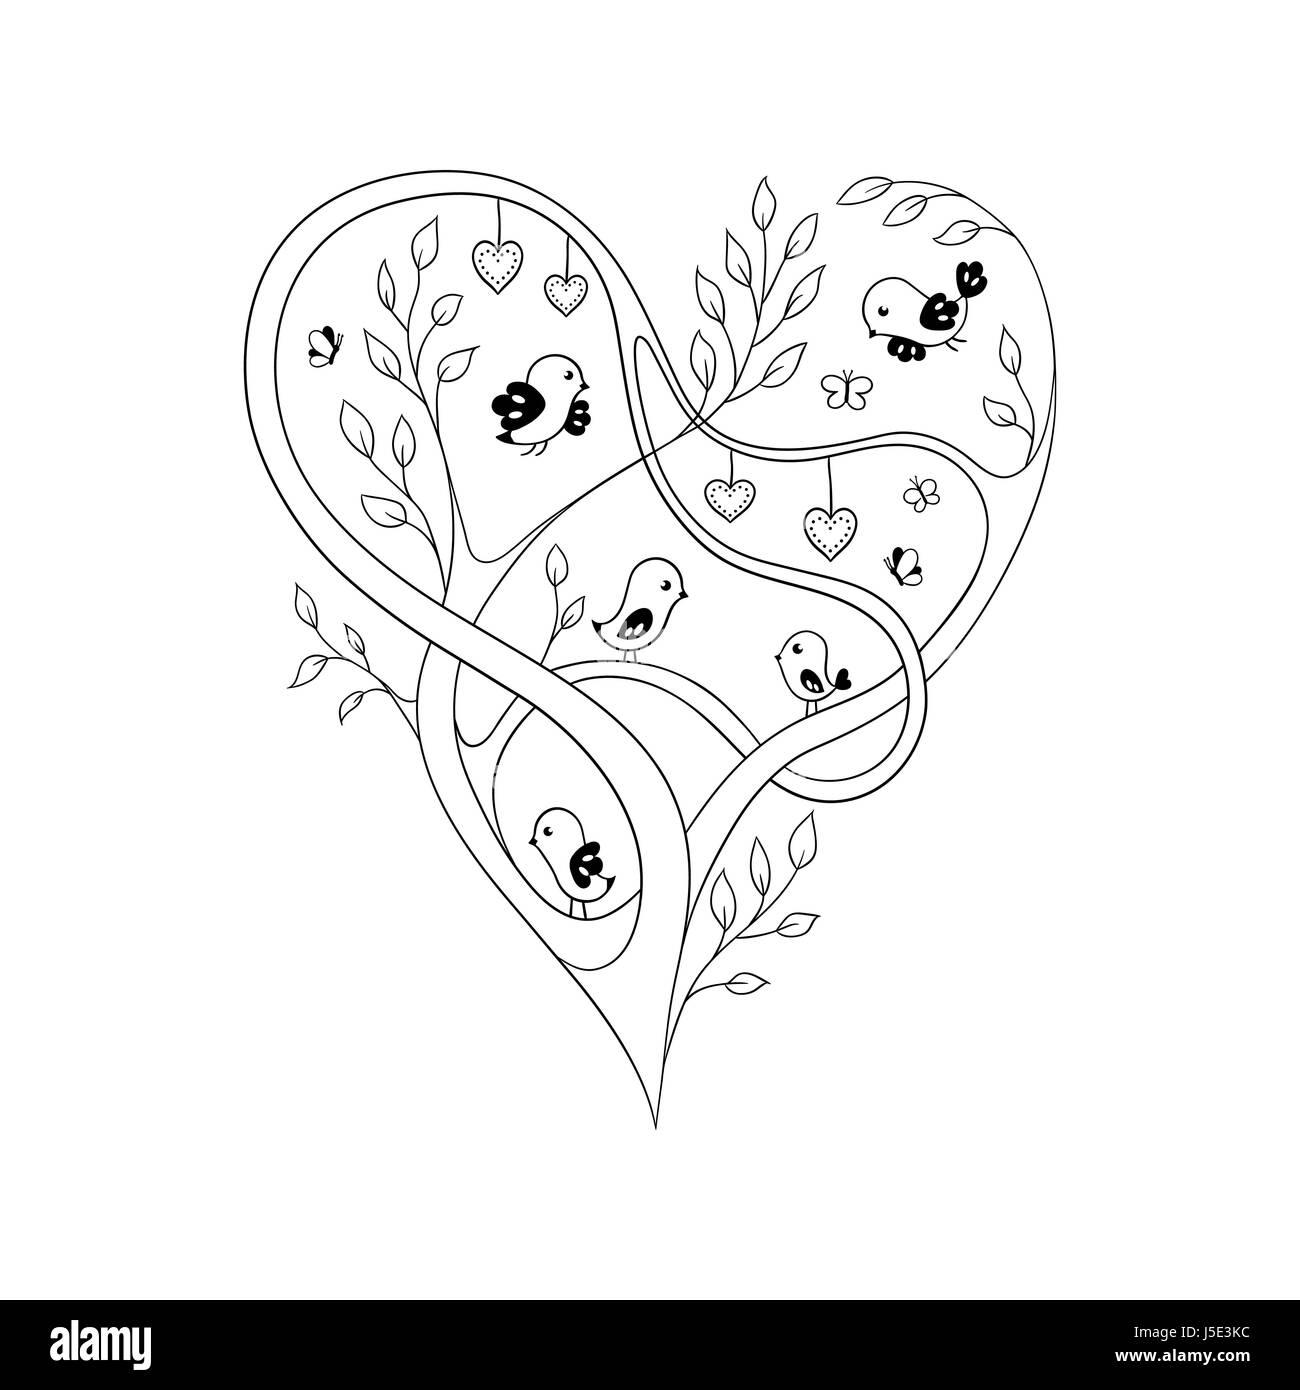 Coloriage Oiseau Sur Arbre.Coeur Fleuri Elegant Forme Par Les Branches D Arbres D Oiseaux Et De